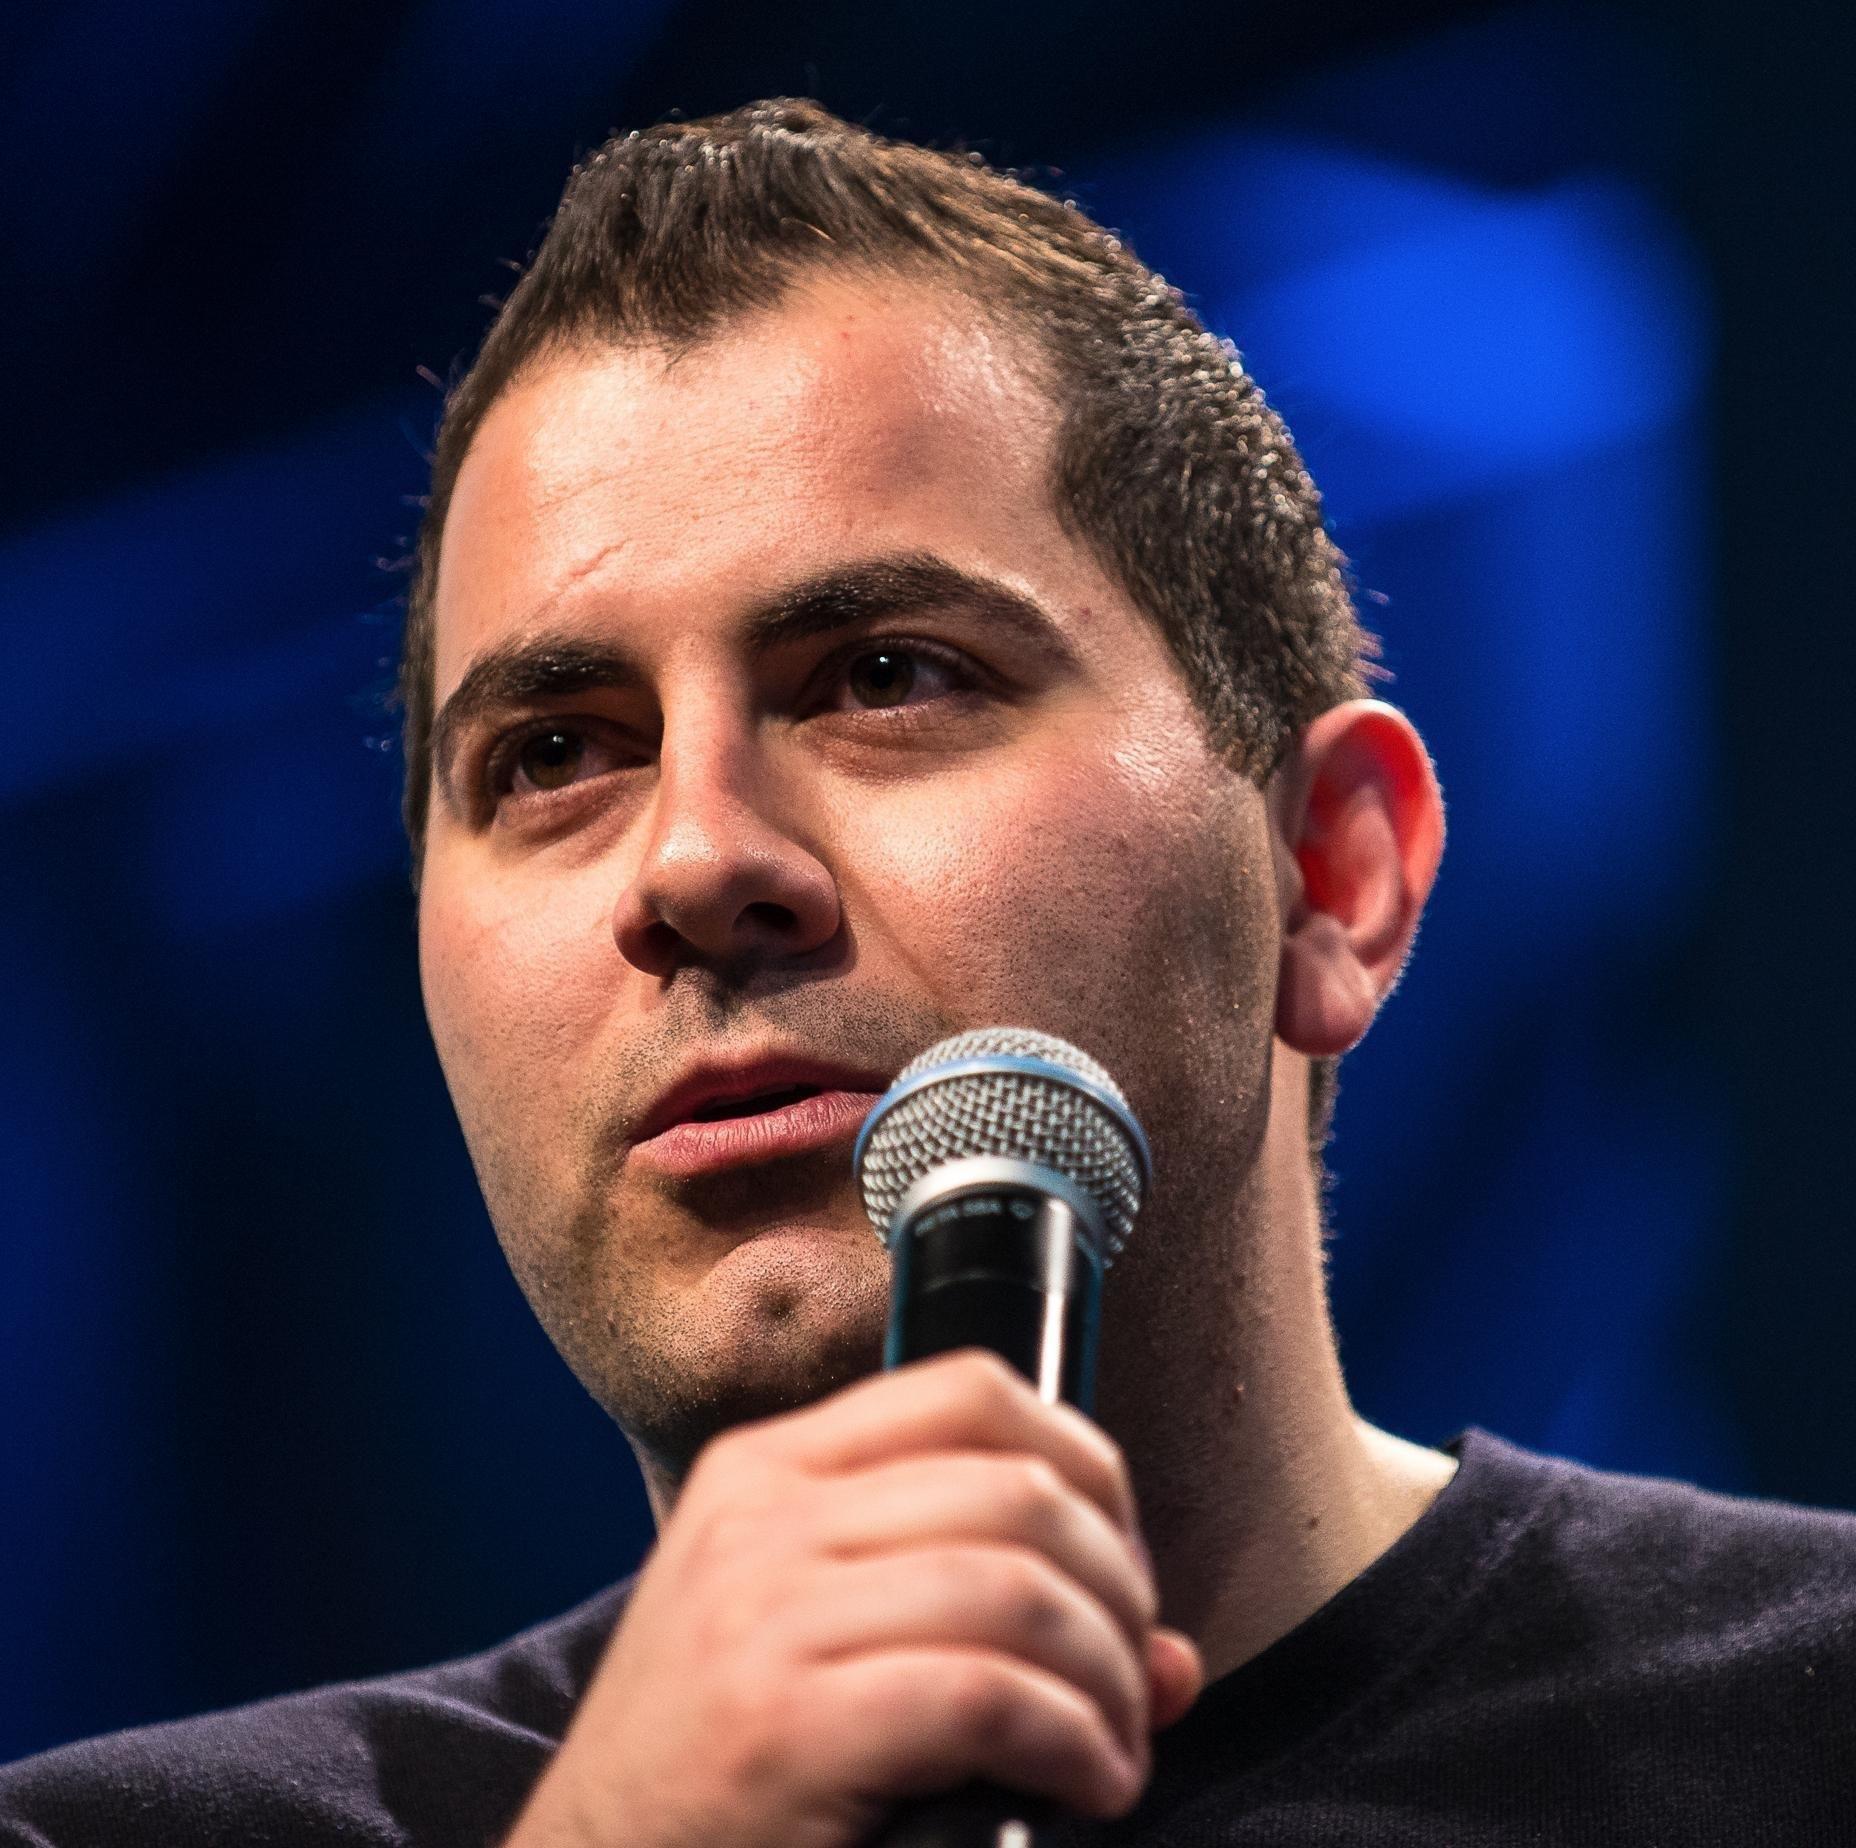 Mark Haidar